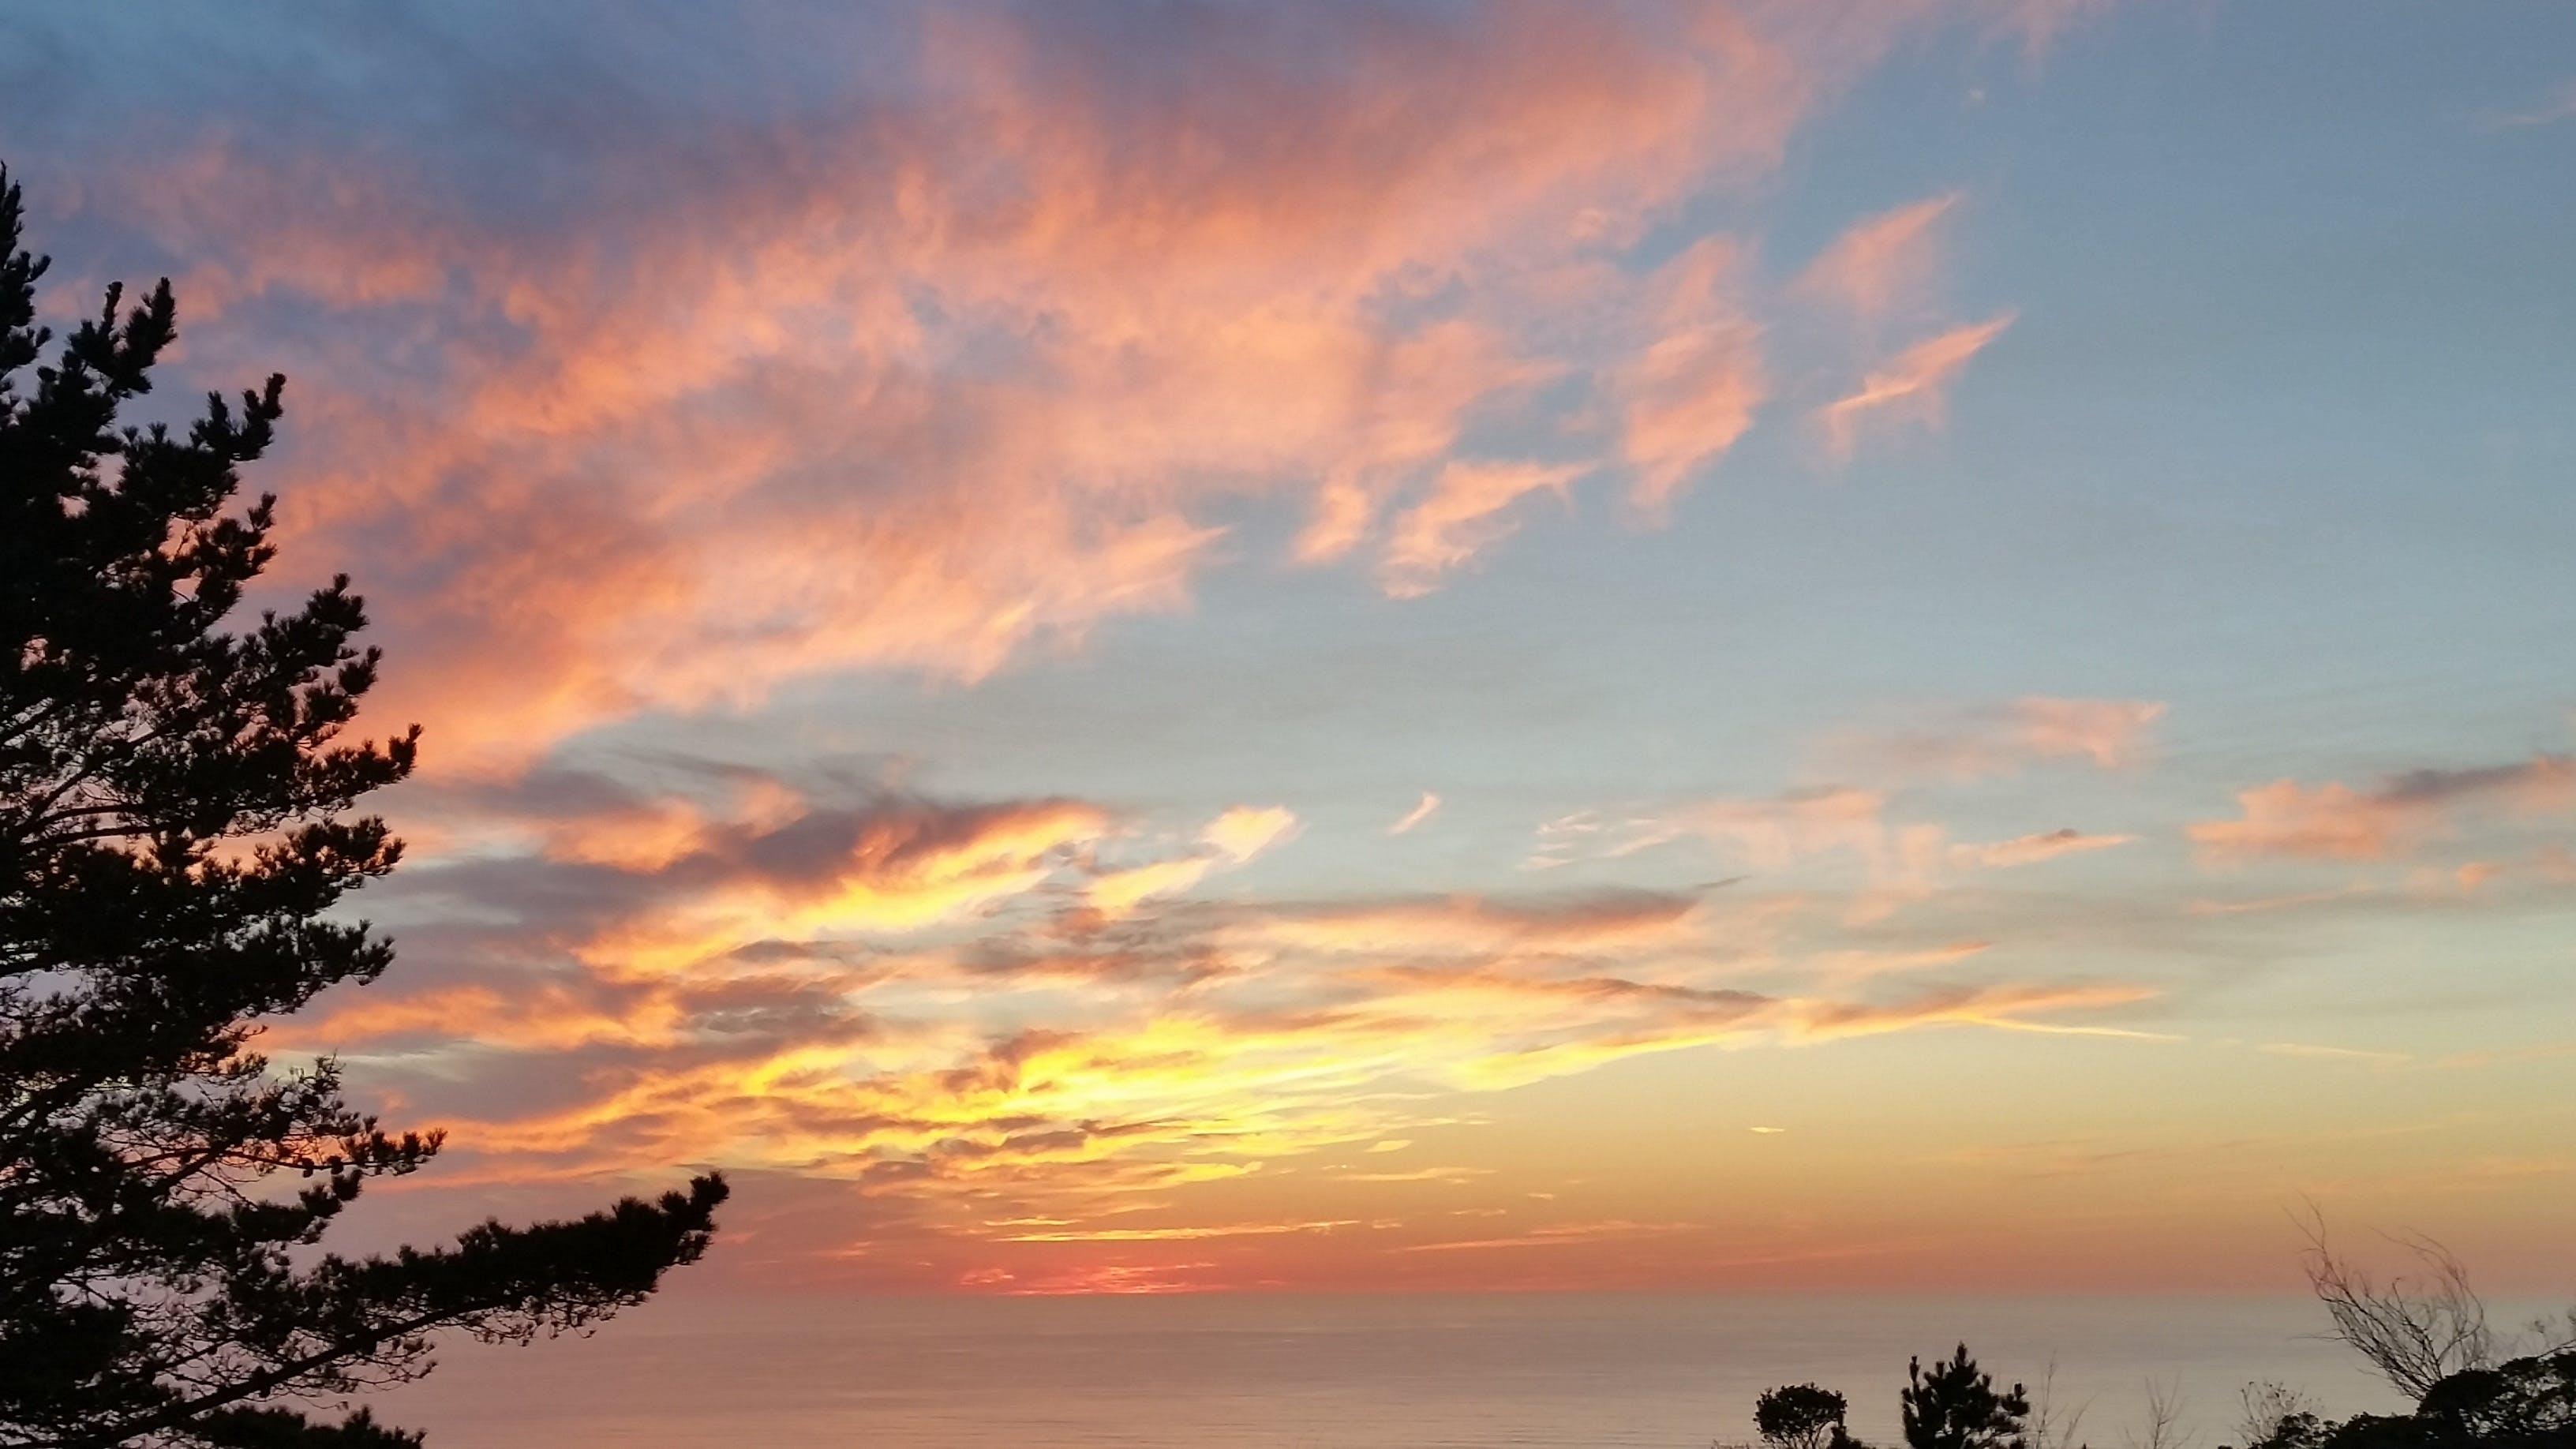 คลังภาพถ่ายฟรี ของ ชายทะเล, ดวงอาทิตย์, ตะวันลับฟ้า, ต้นไม้